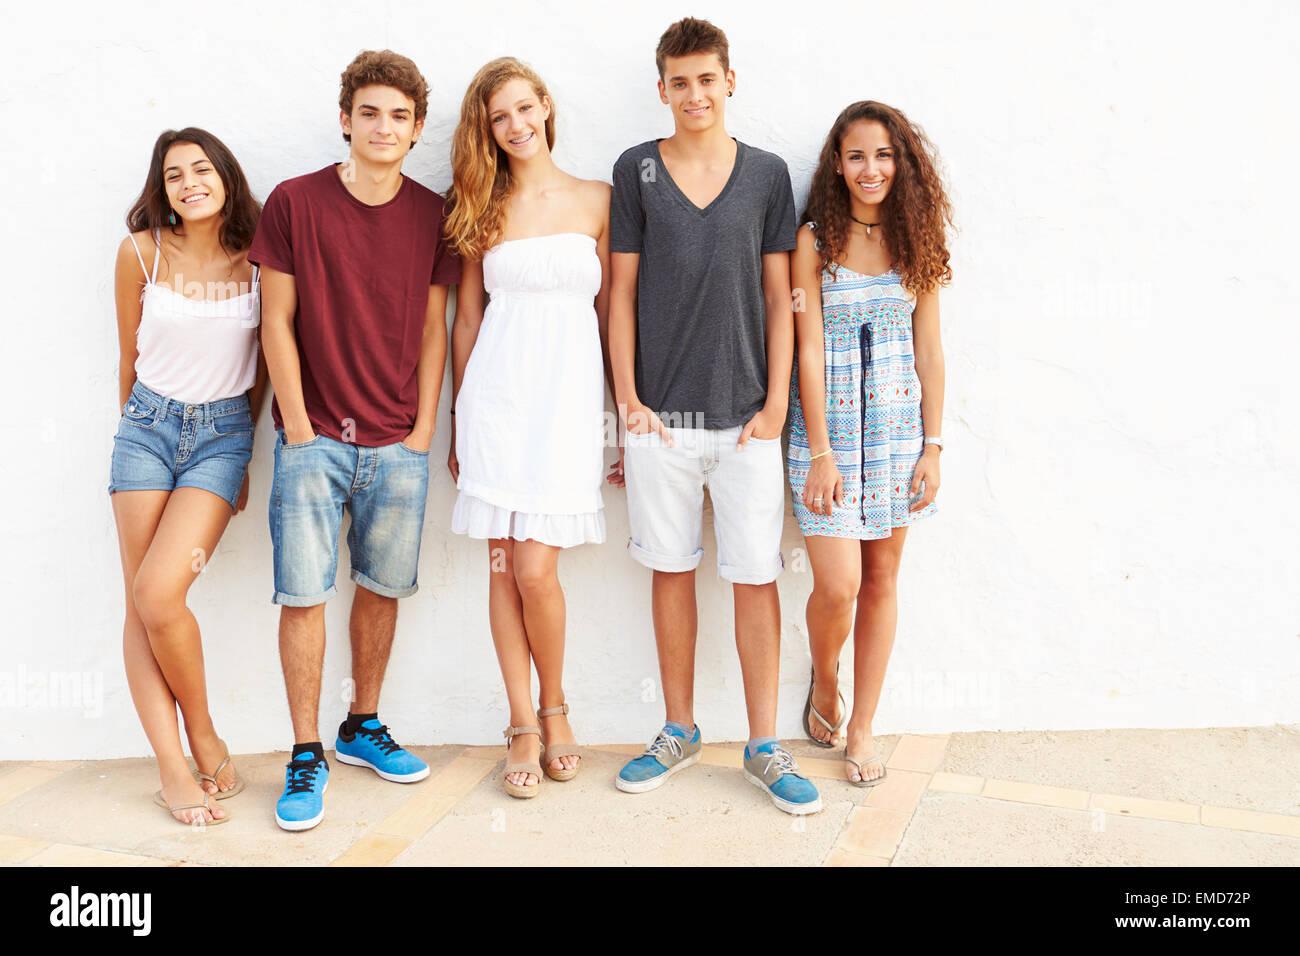 Porträt der Teenagergruppe an Wand gelehnt Stockfoto